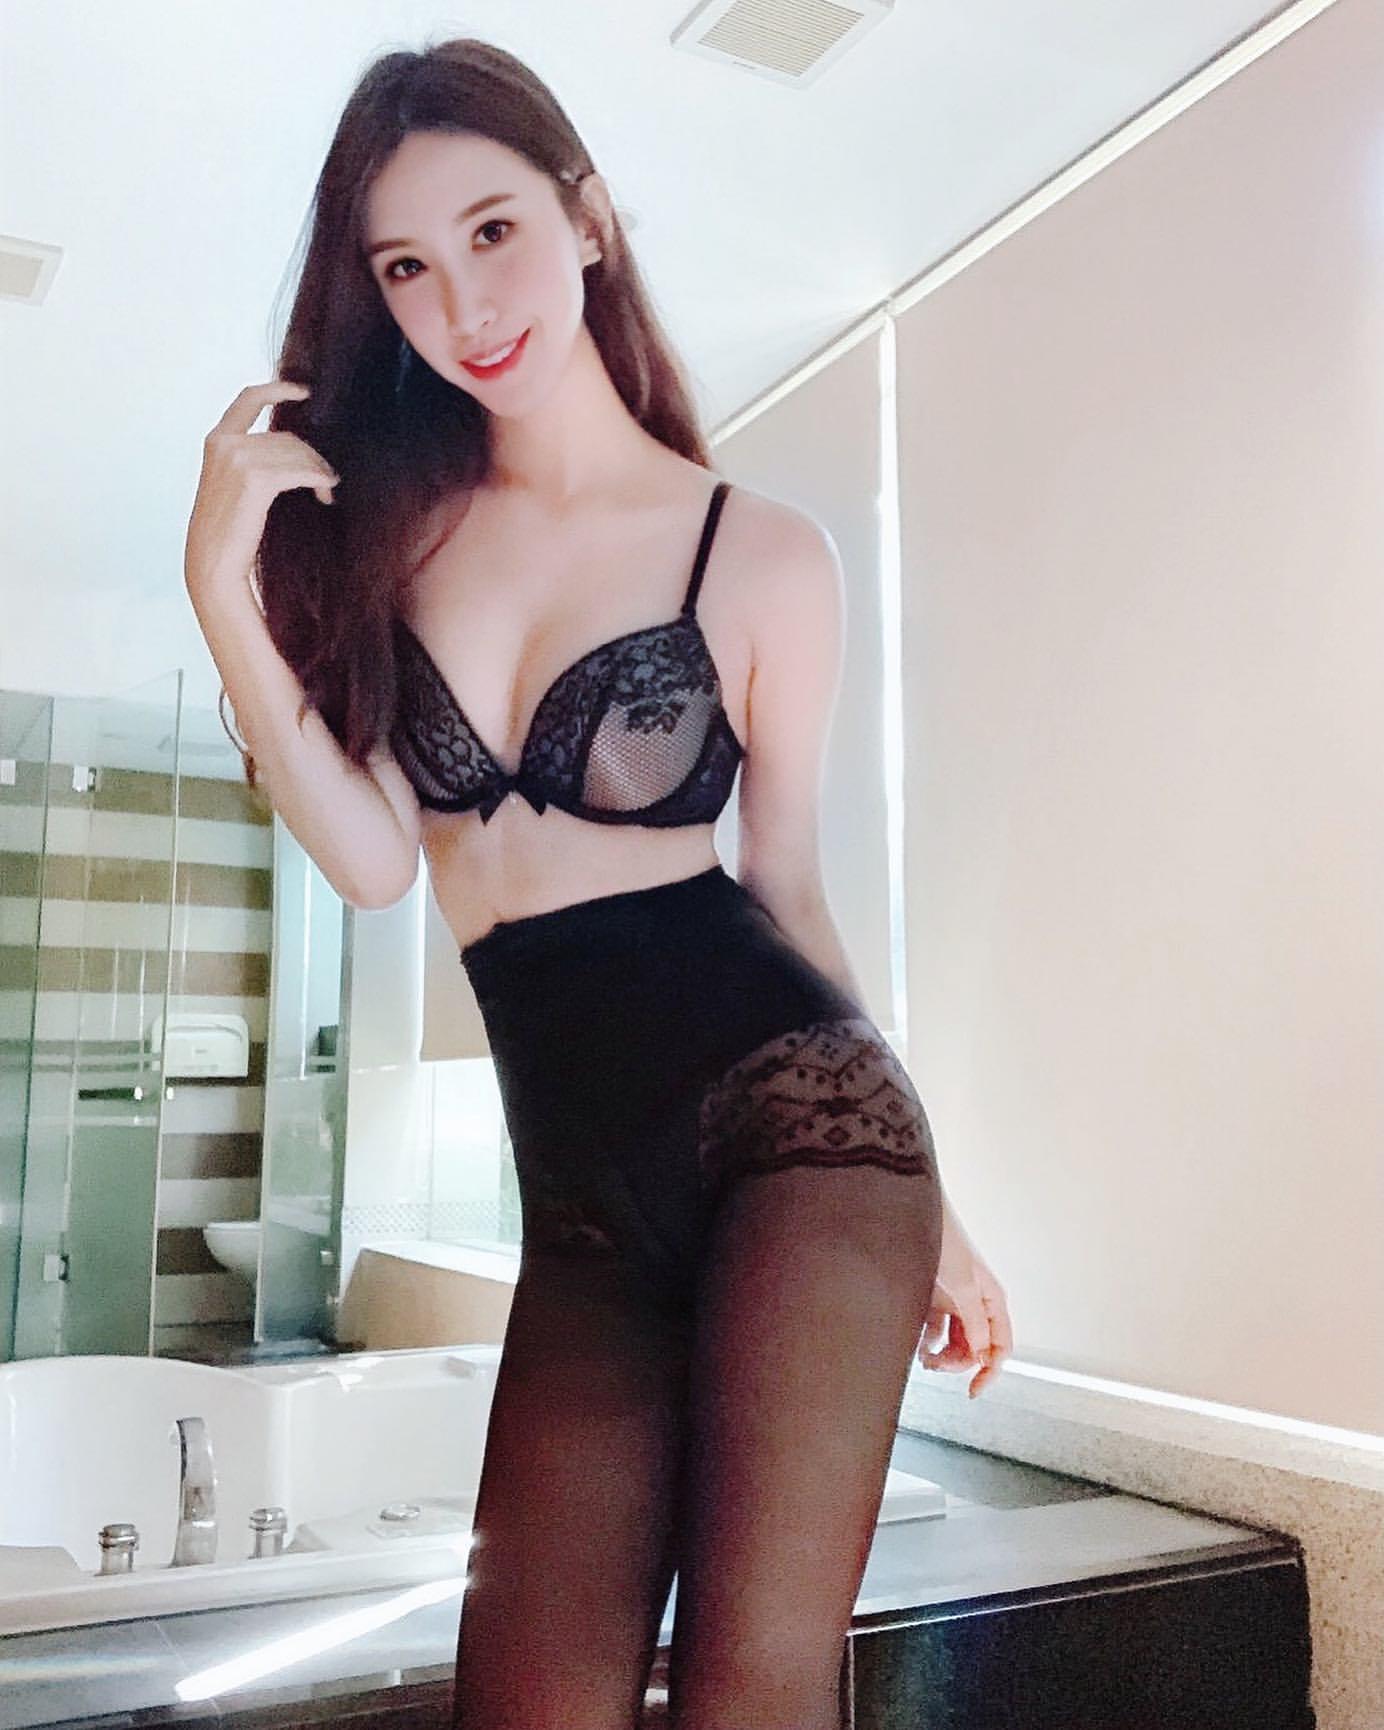 「胸」狠 完美魔鬼身材看了好癢  duoduoStephy - 美女圖 -